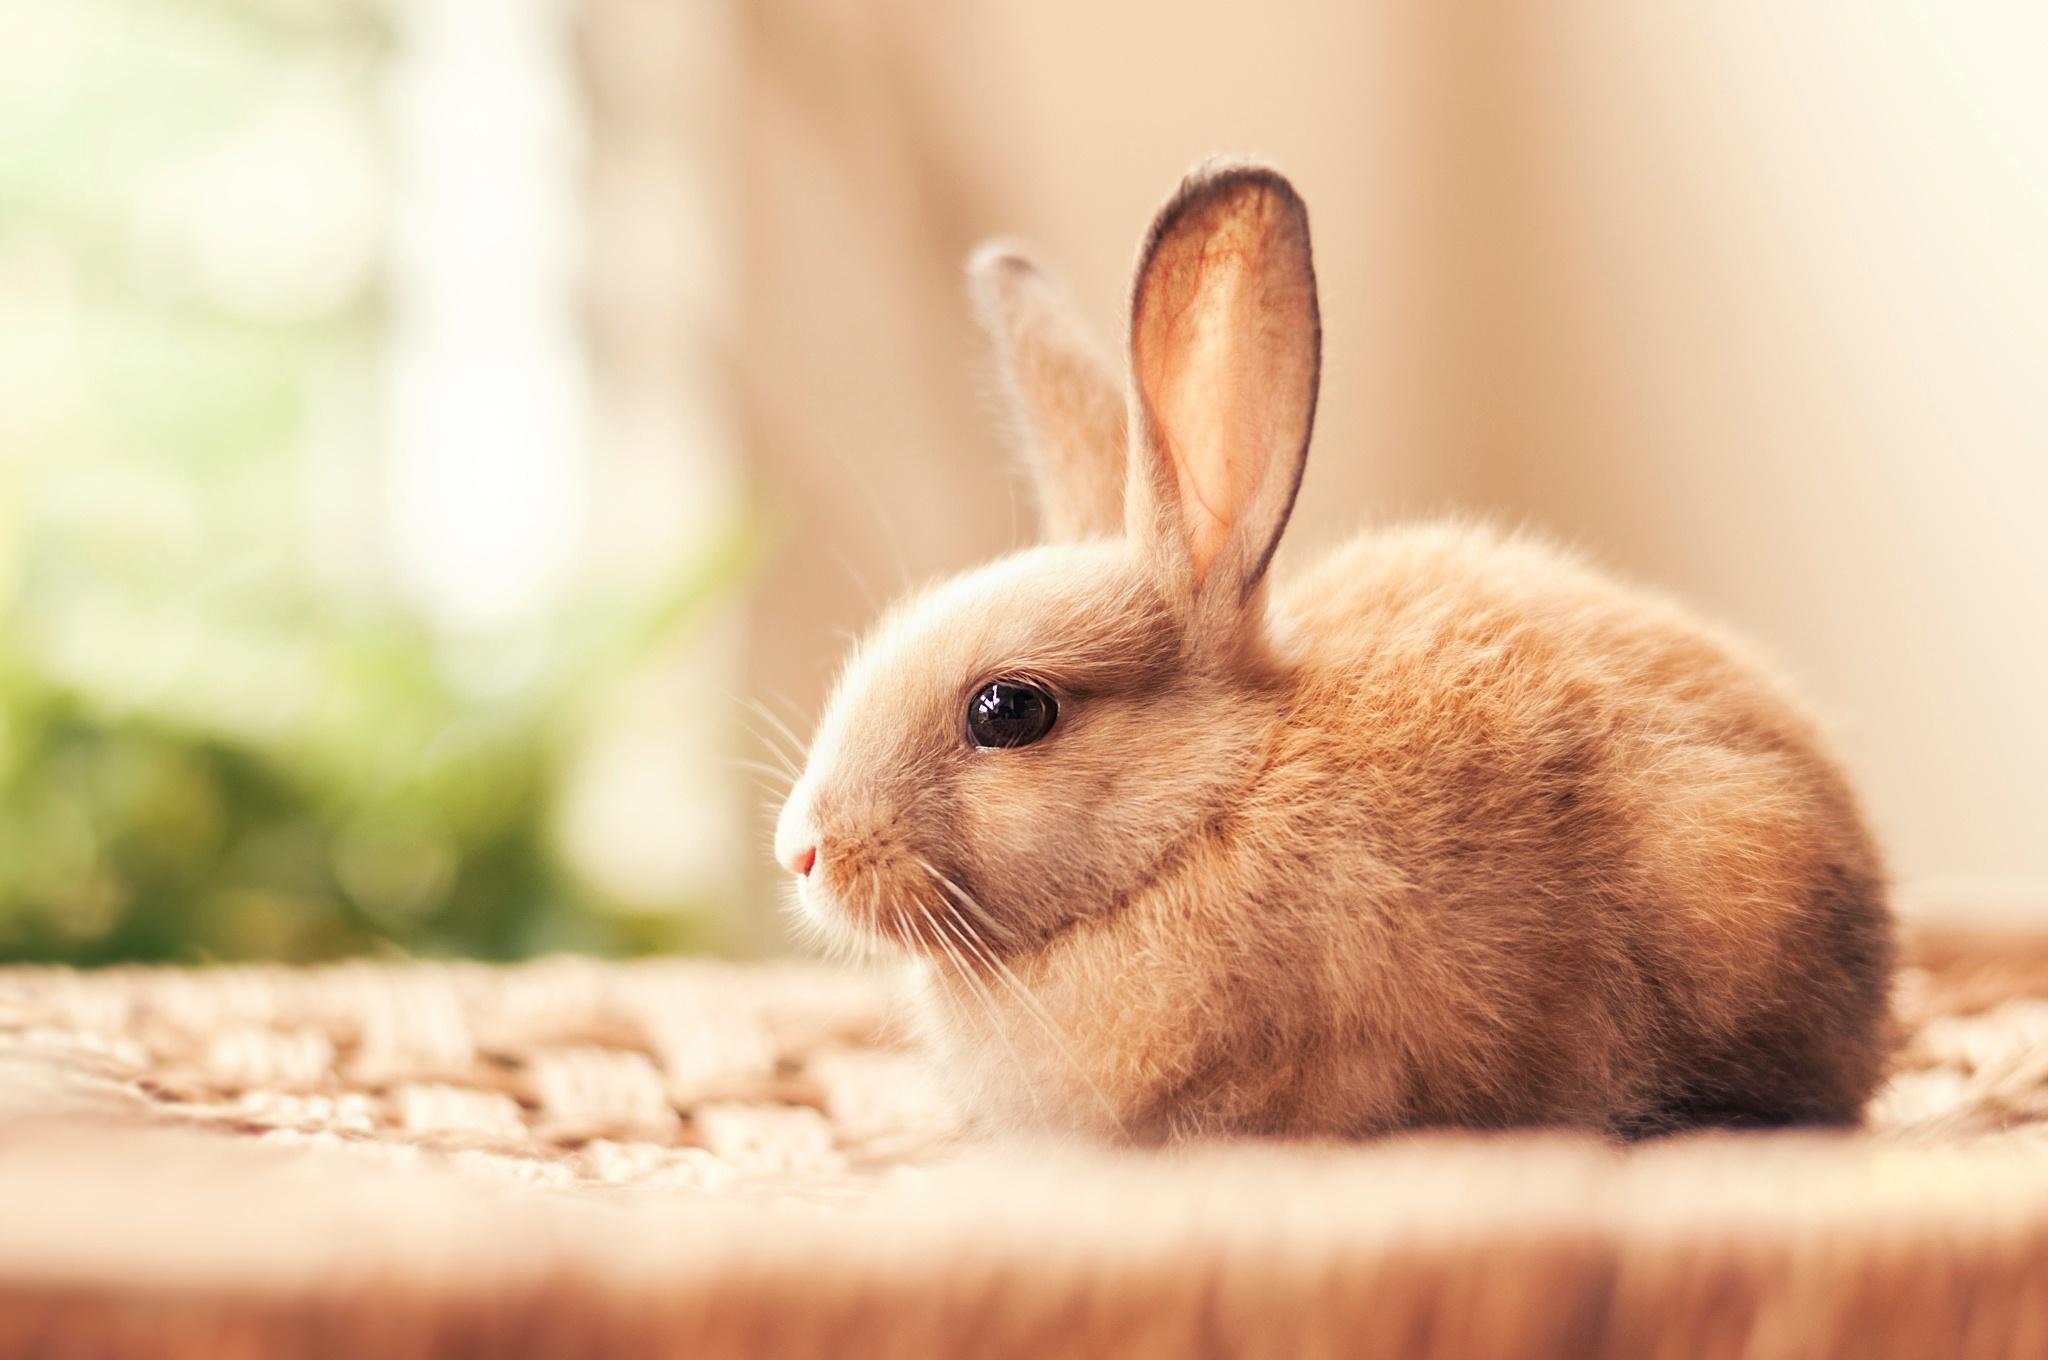 Загадка на внимательность: ищем кролика среди котов